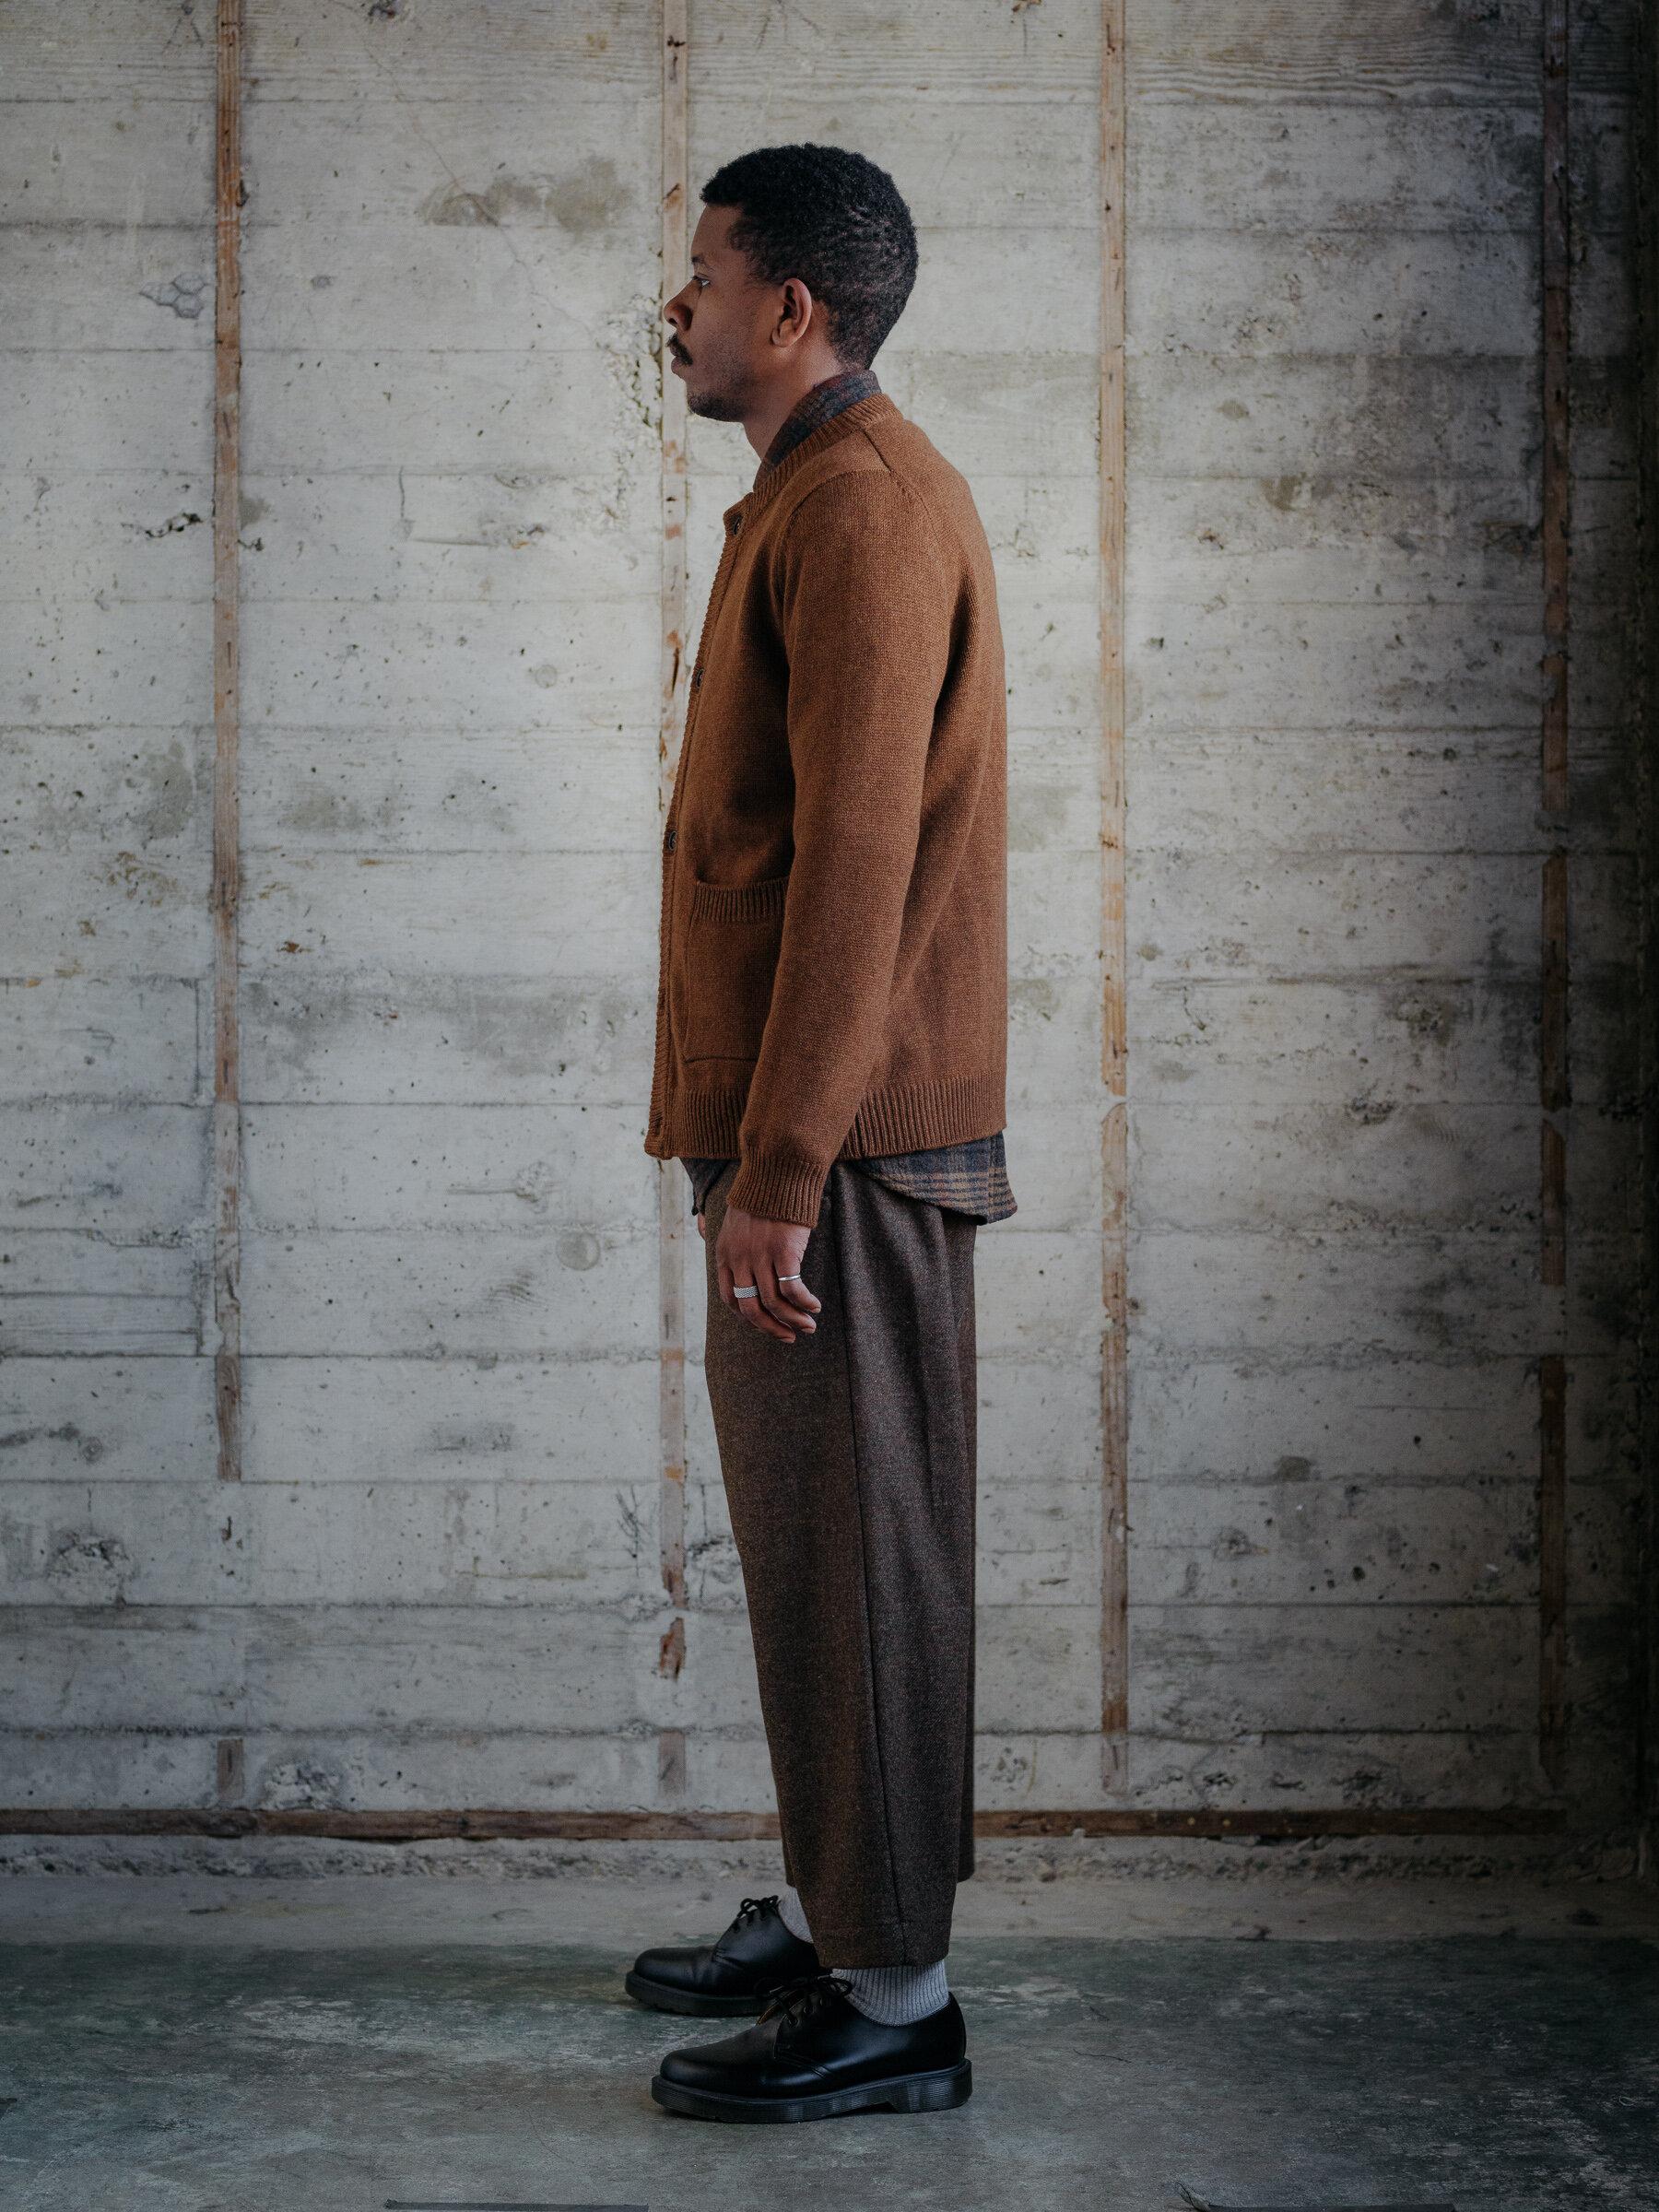 evan-kinori-crewneck-cardigan-sweater-cashmere-lambswool-made-in-italy-2